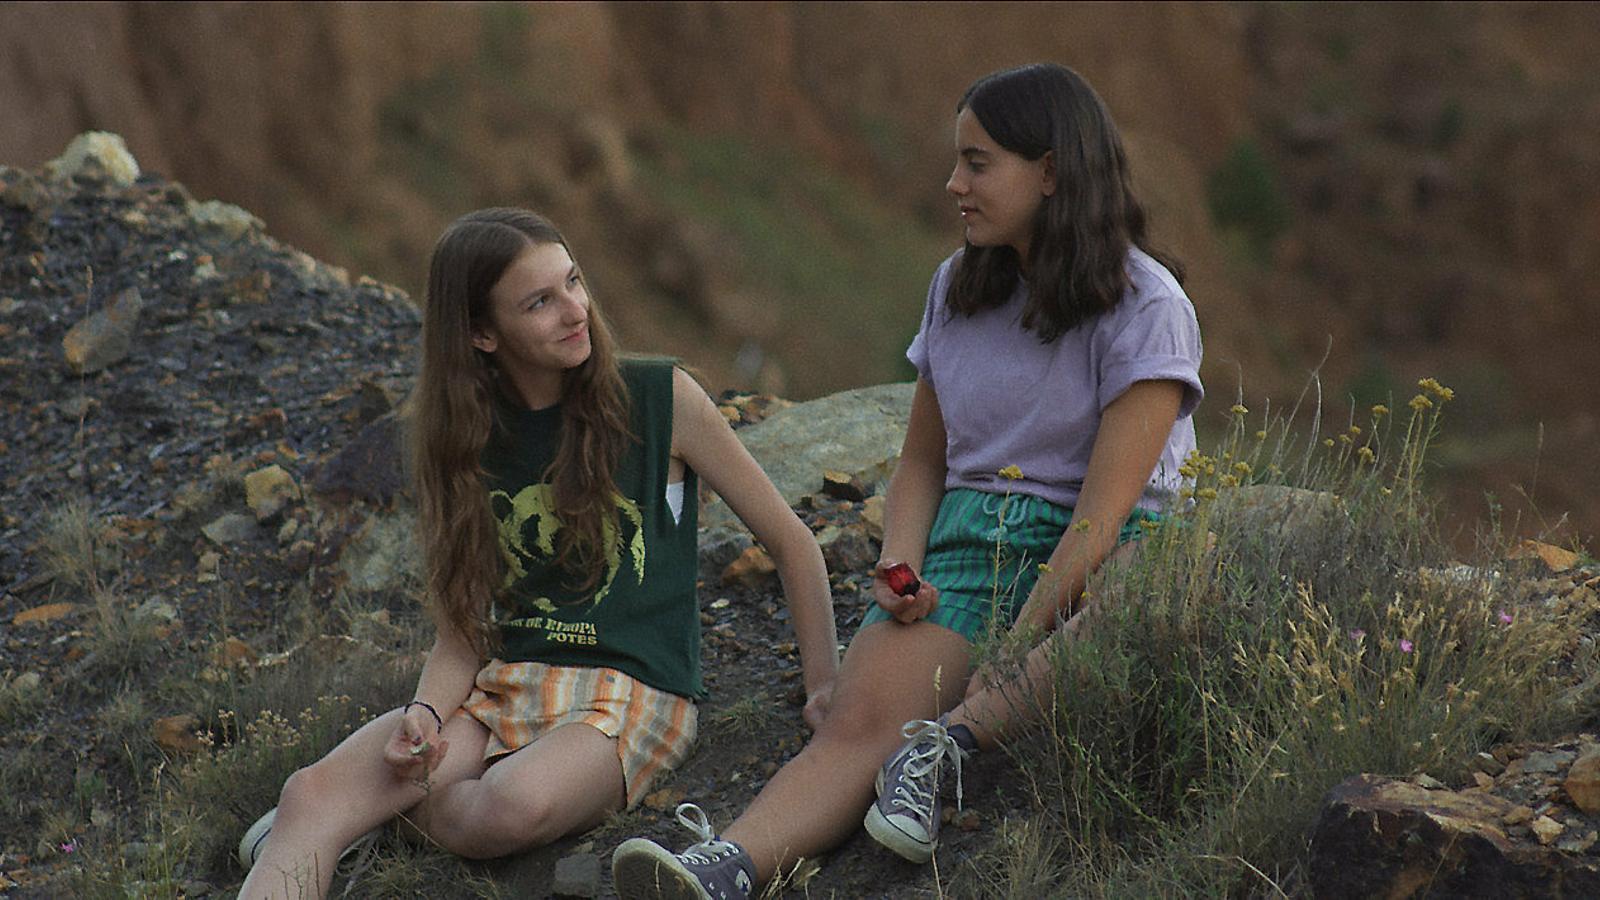 Alba Alcaine i Julia Lallana en un dels fotogrames d'Ojos Negros.